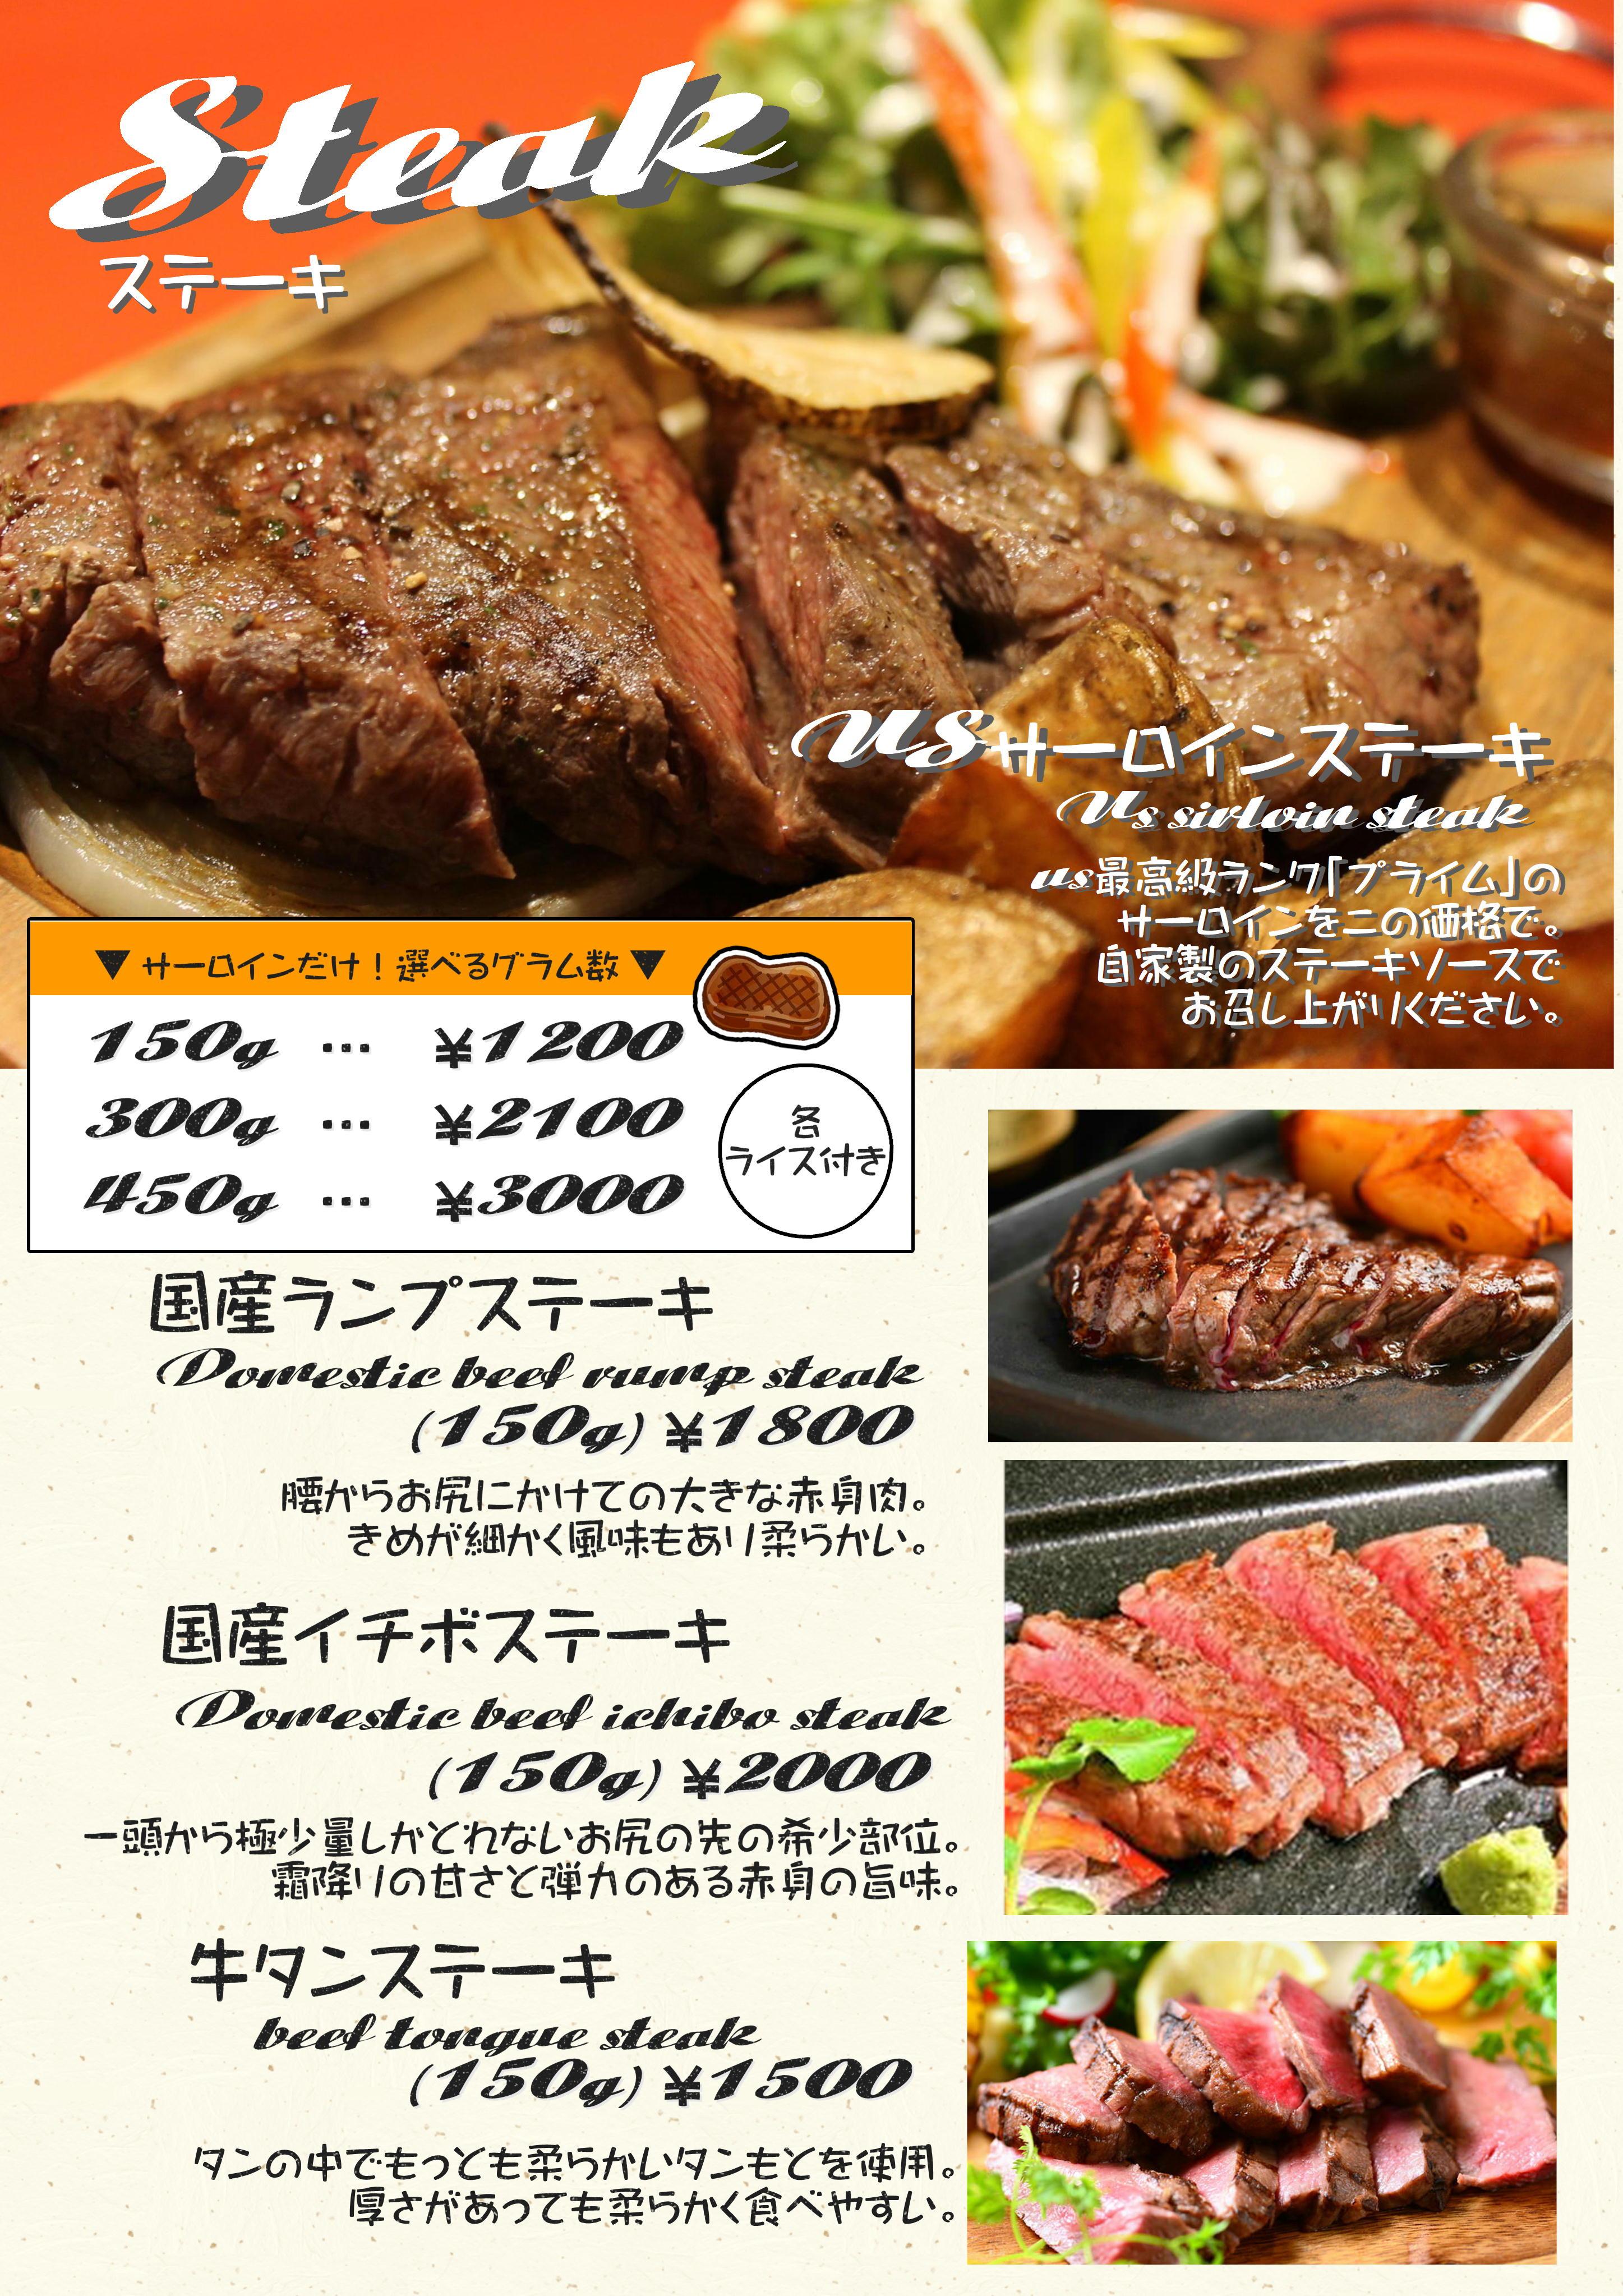 ステーキ値段メニュー